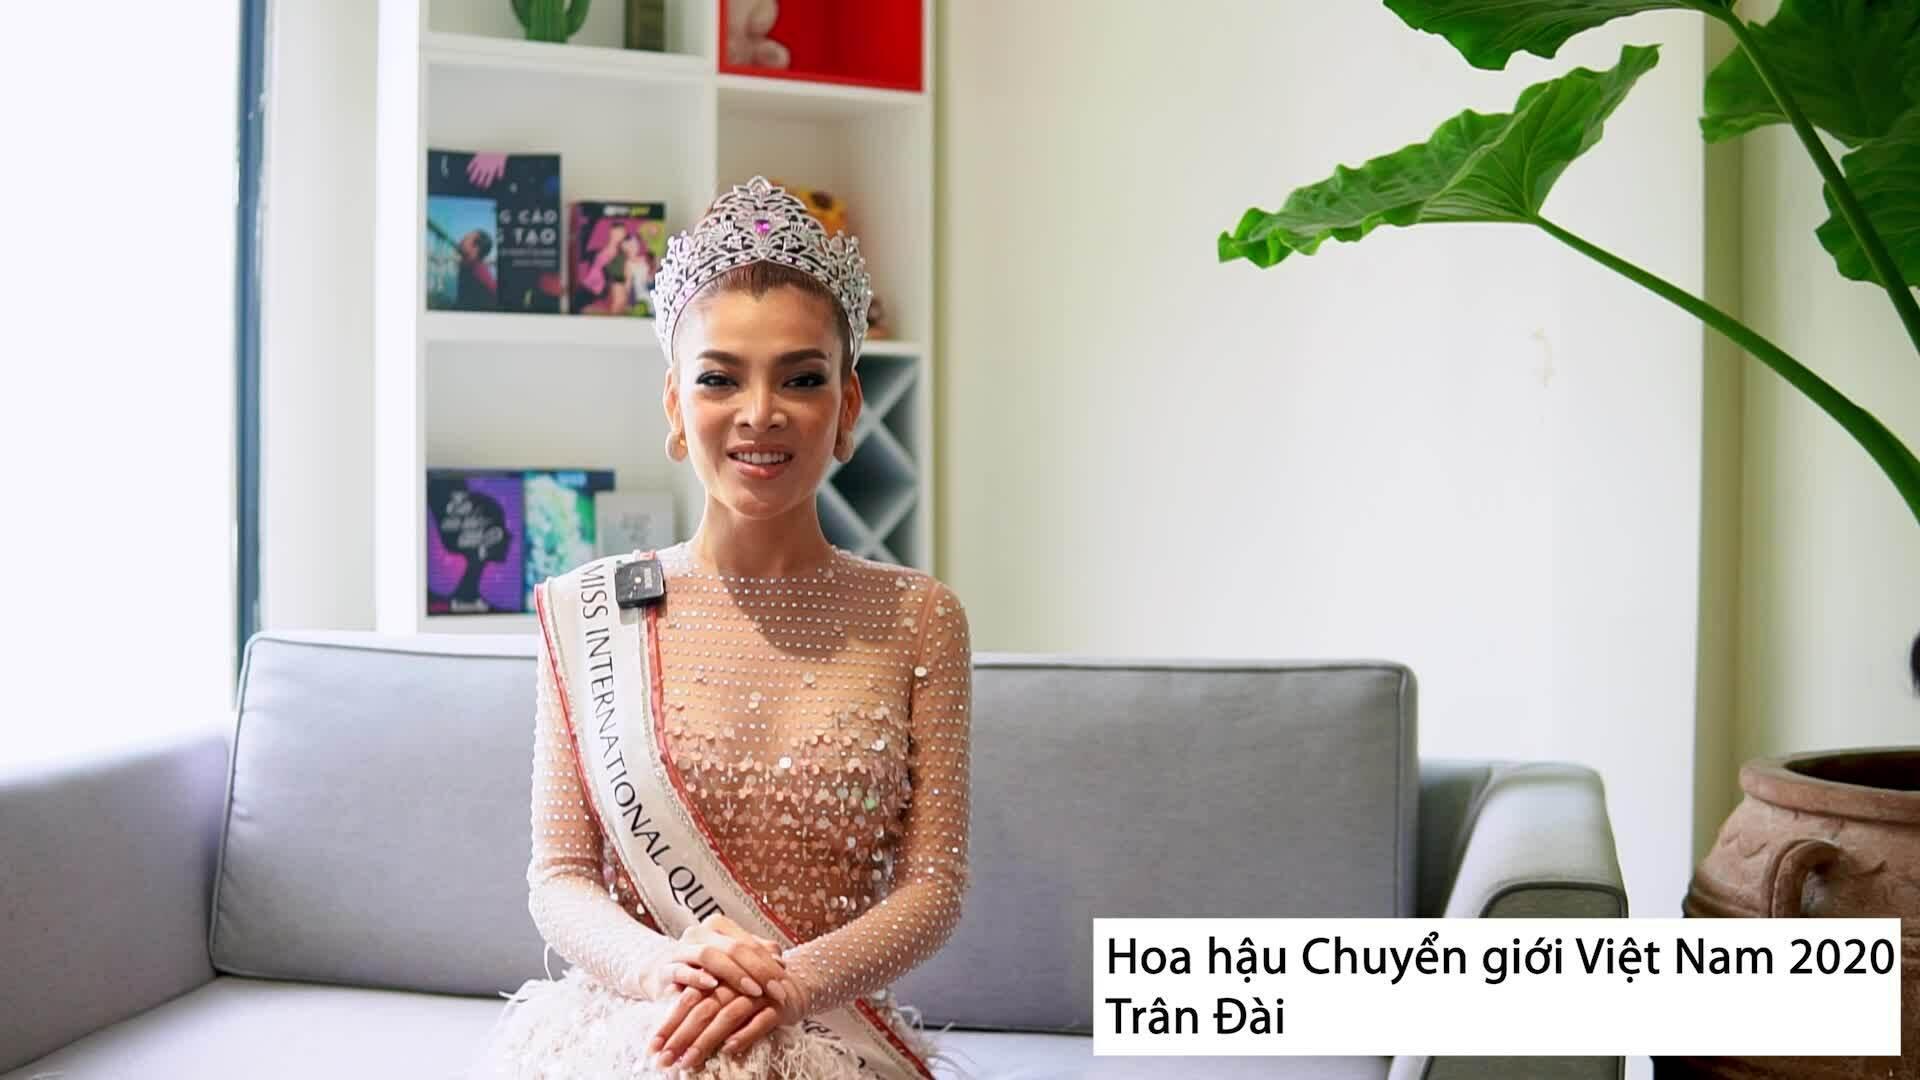 Hoa hậu Trân Đài: 'Bạn trai khóc khi tôi thừa nhận là người chuyển giới'